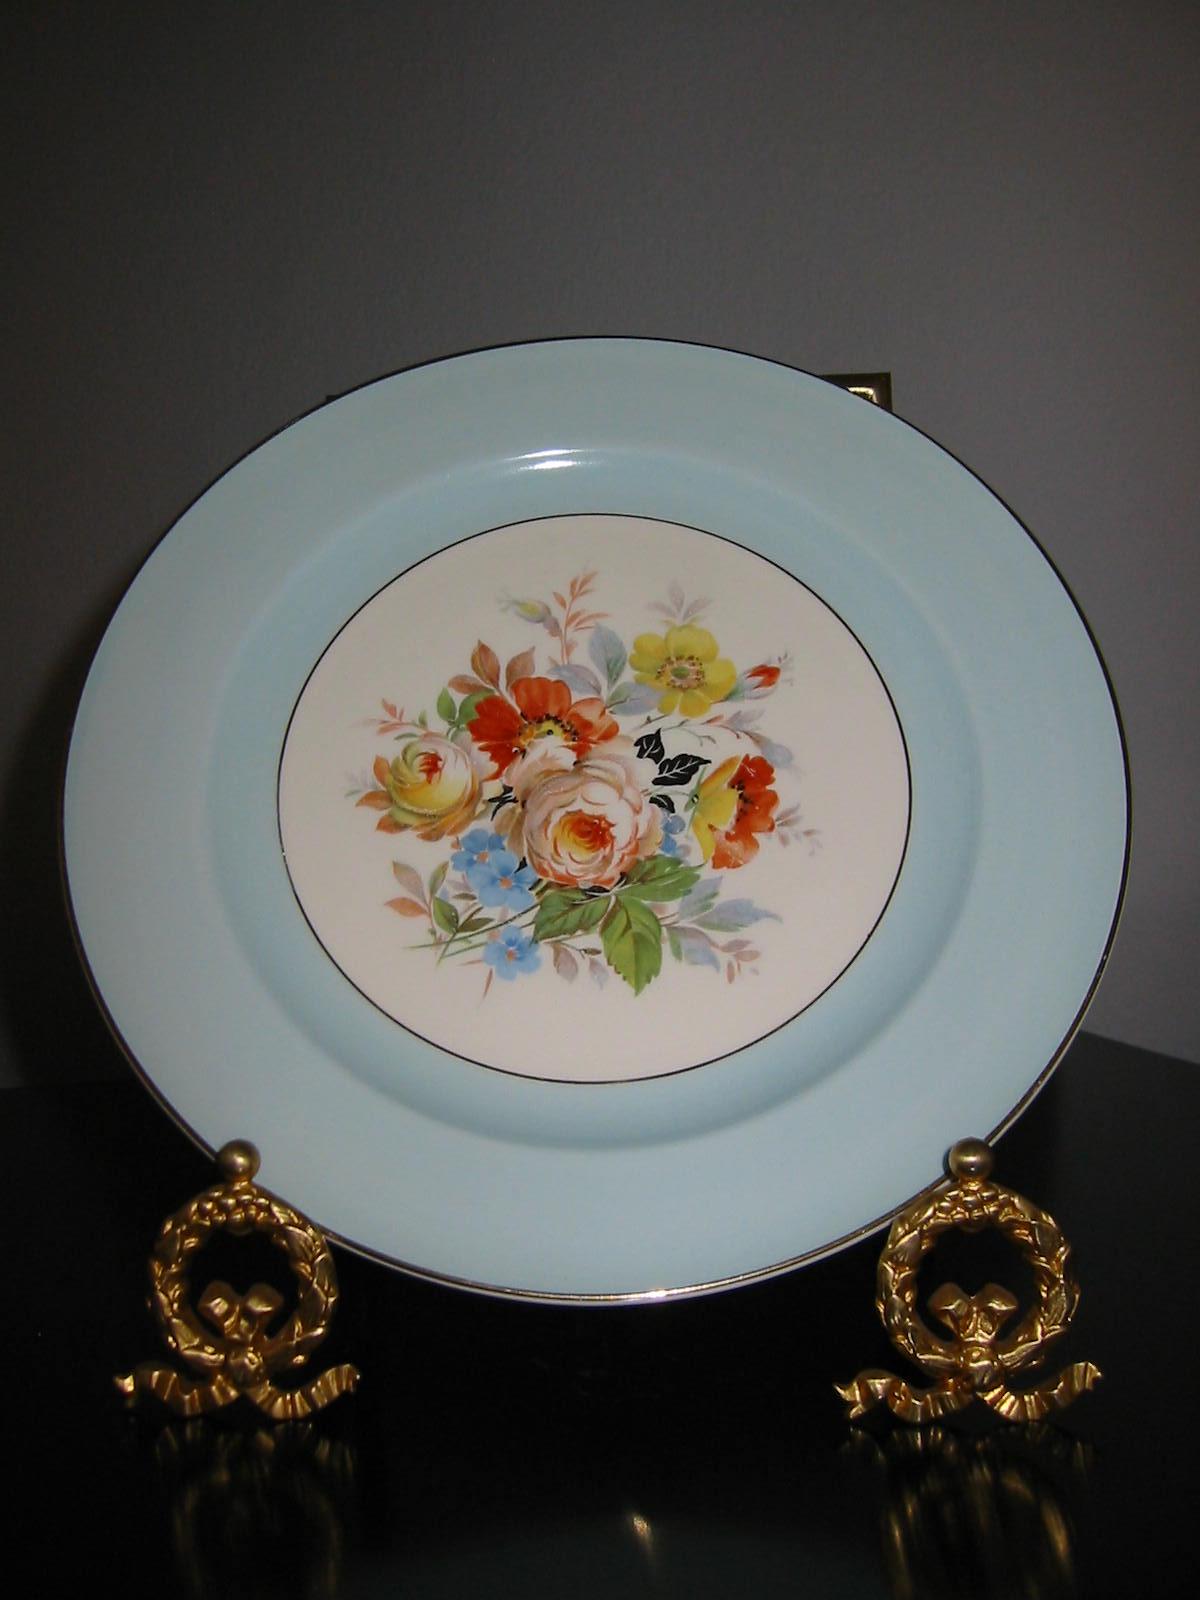 Edwin M. Knowles Semi Vitreous Porcelain Plate For Sale | Antiques ...